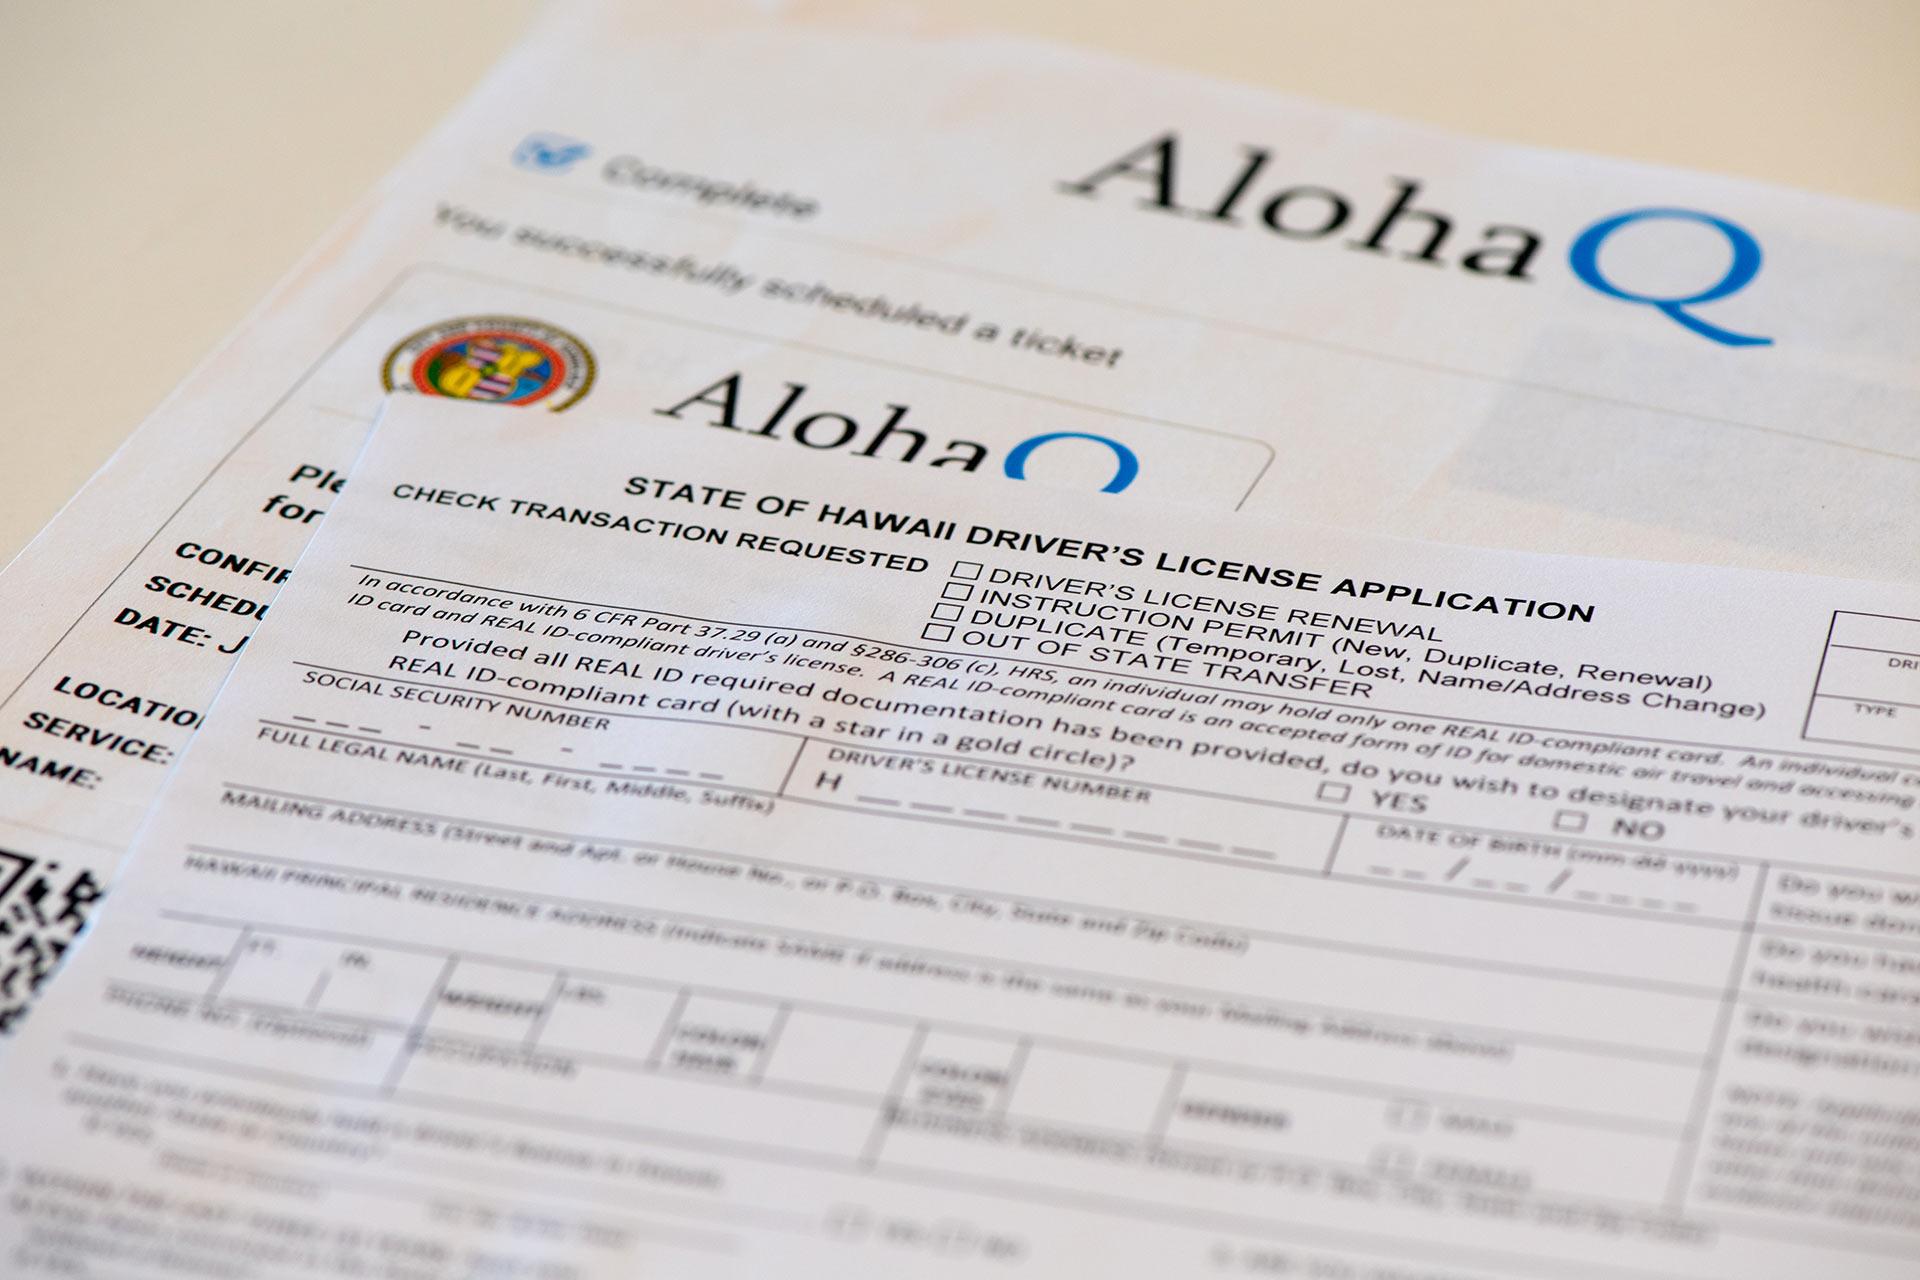 AlohaQの予約チケットと申請用紙